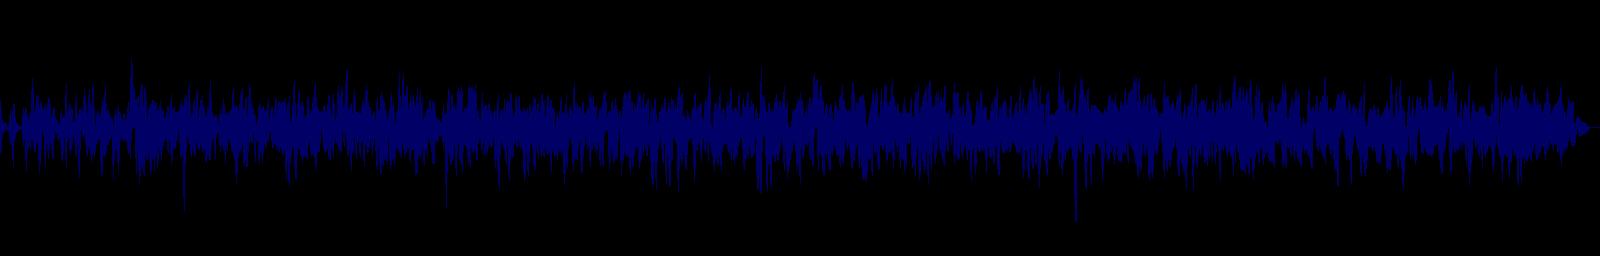 waveform of track #159139